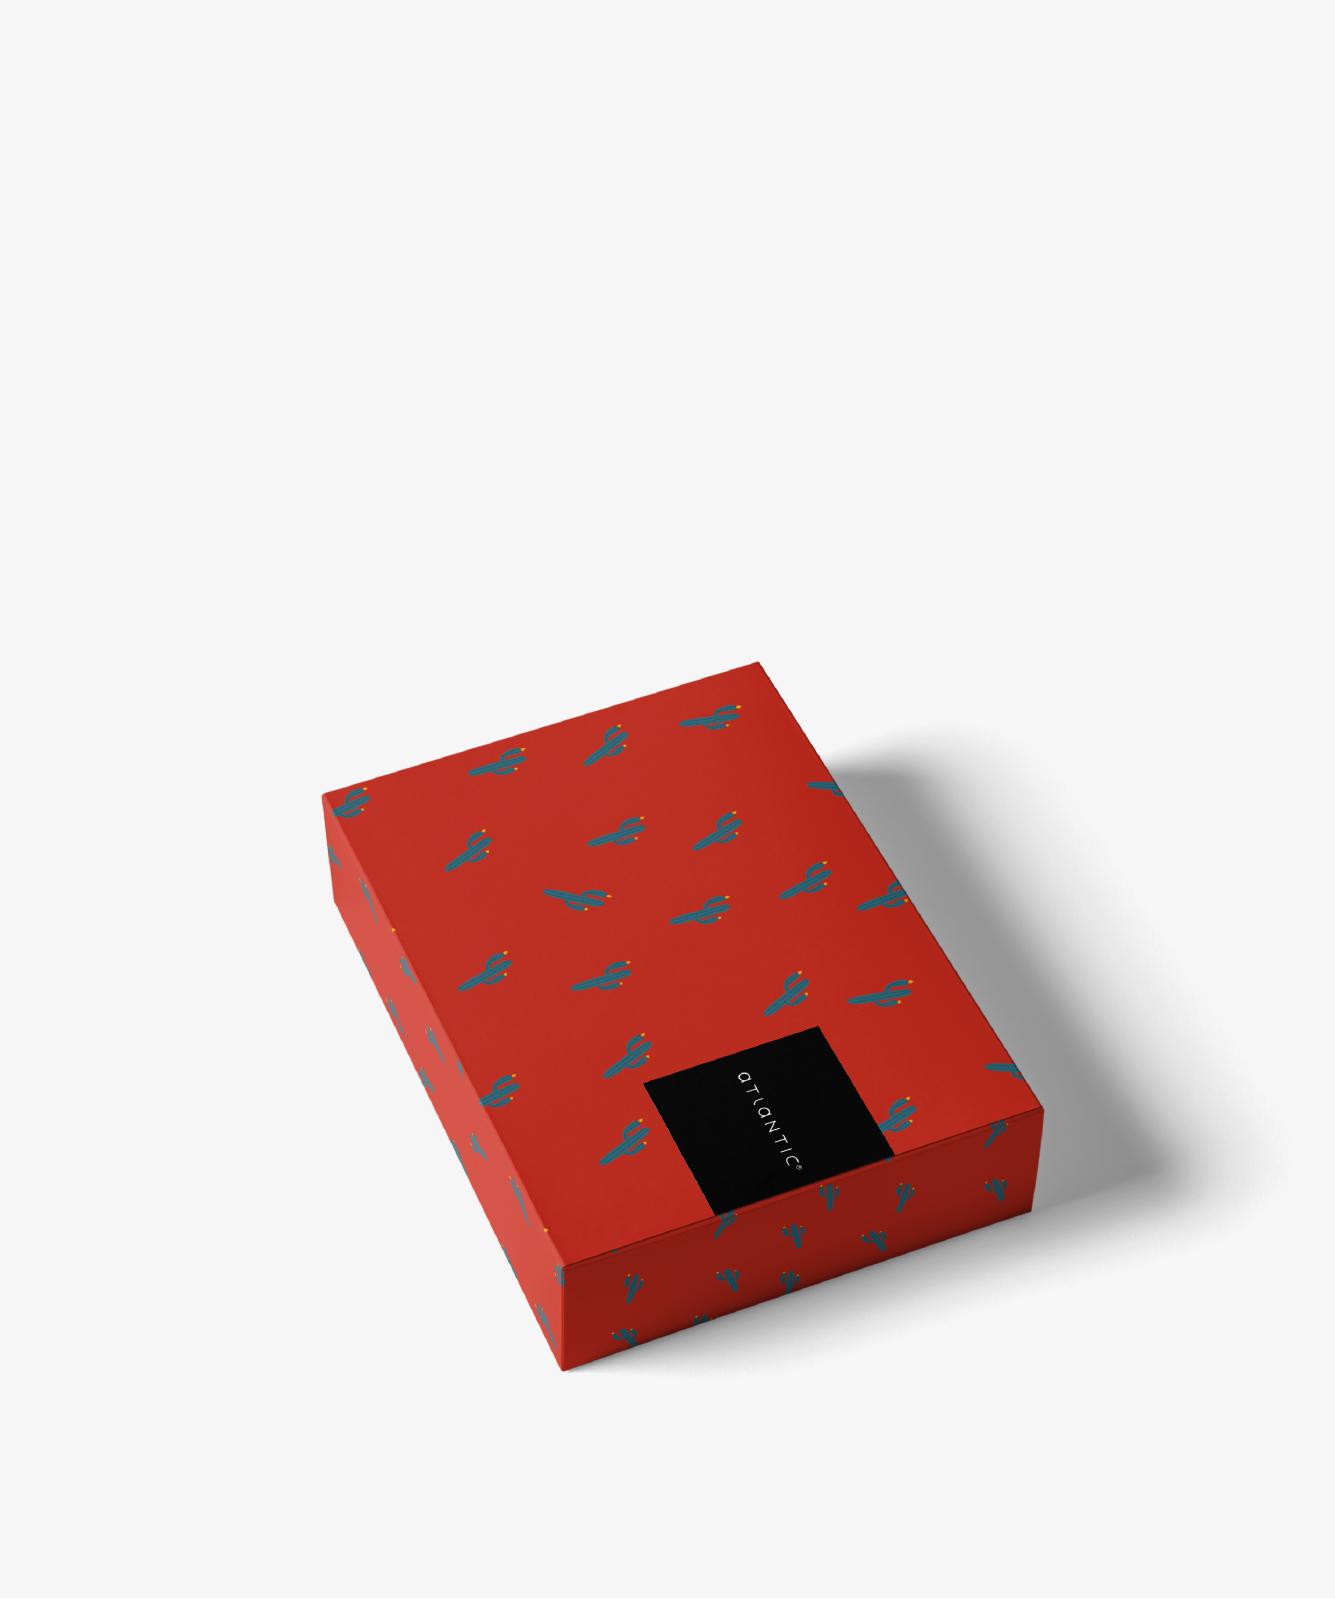 Мужские трусы шорты Atlantic, набор из 2 шт., хлопок, красные + темно-синие, 2GMH-001